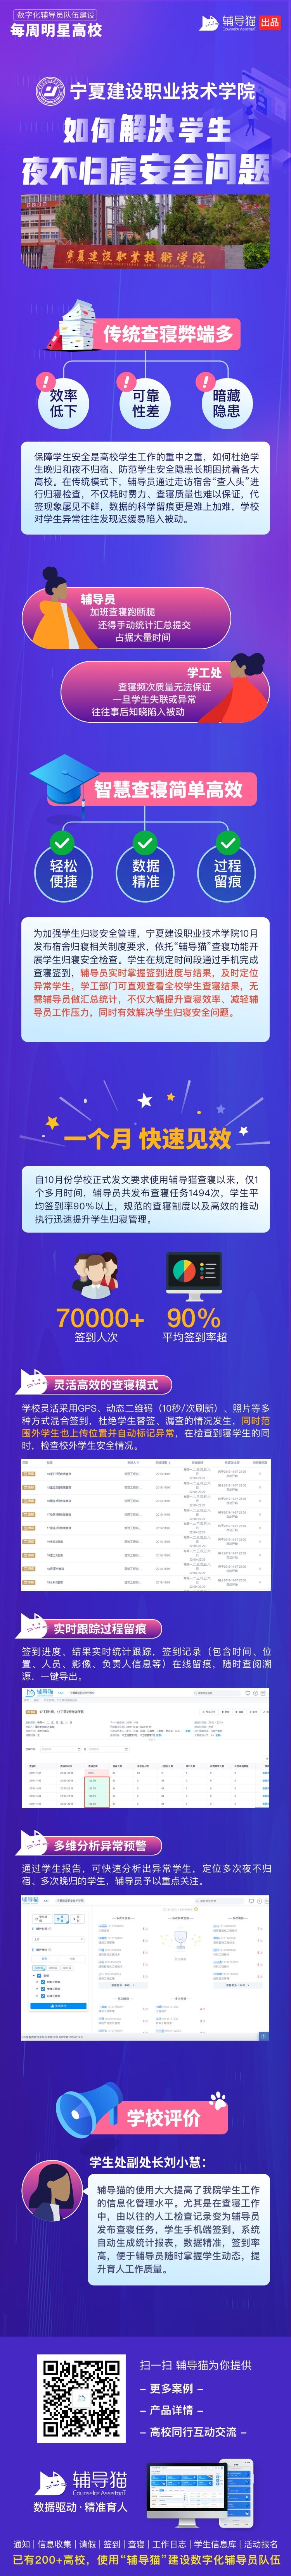 宁夏建设职业技术学院——如何解决学生夜不归寝安全问题? 辅导猫